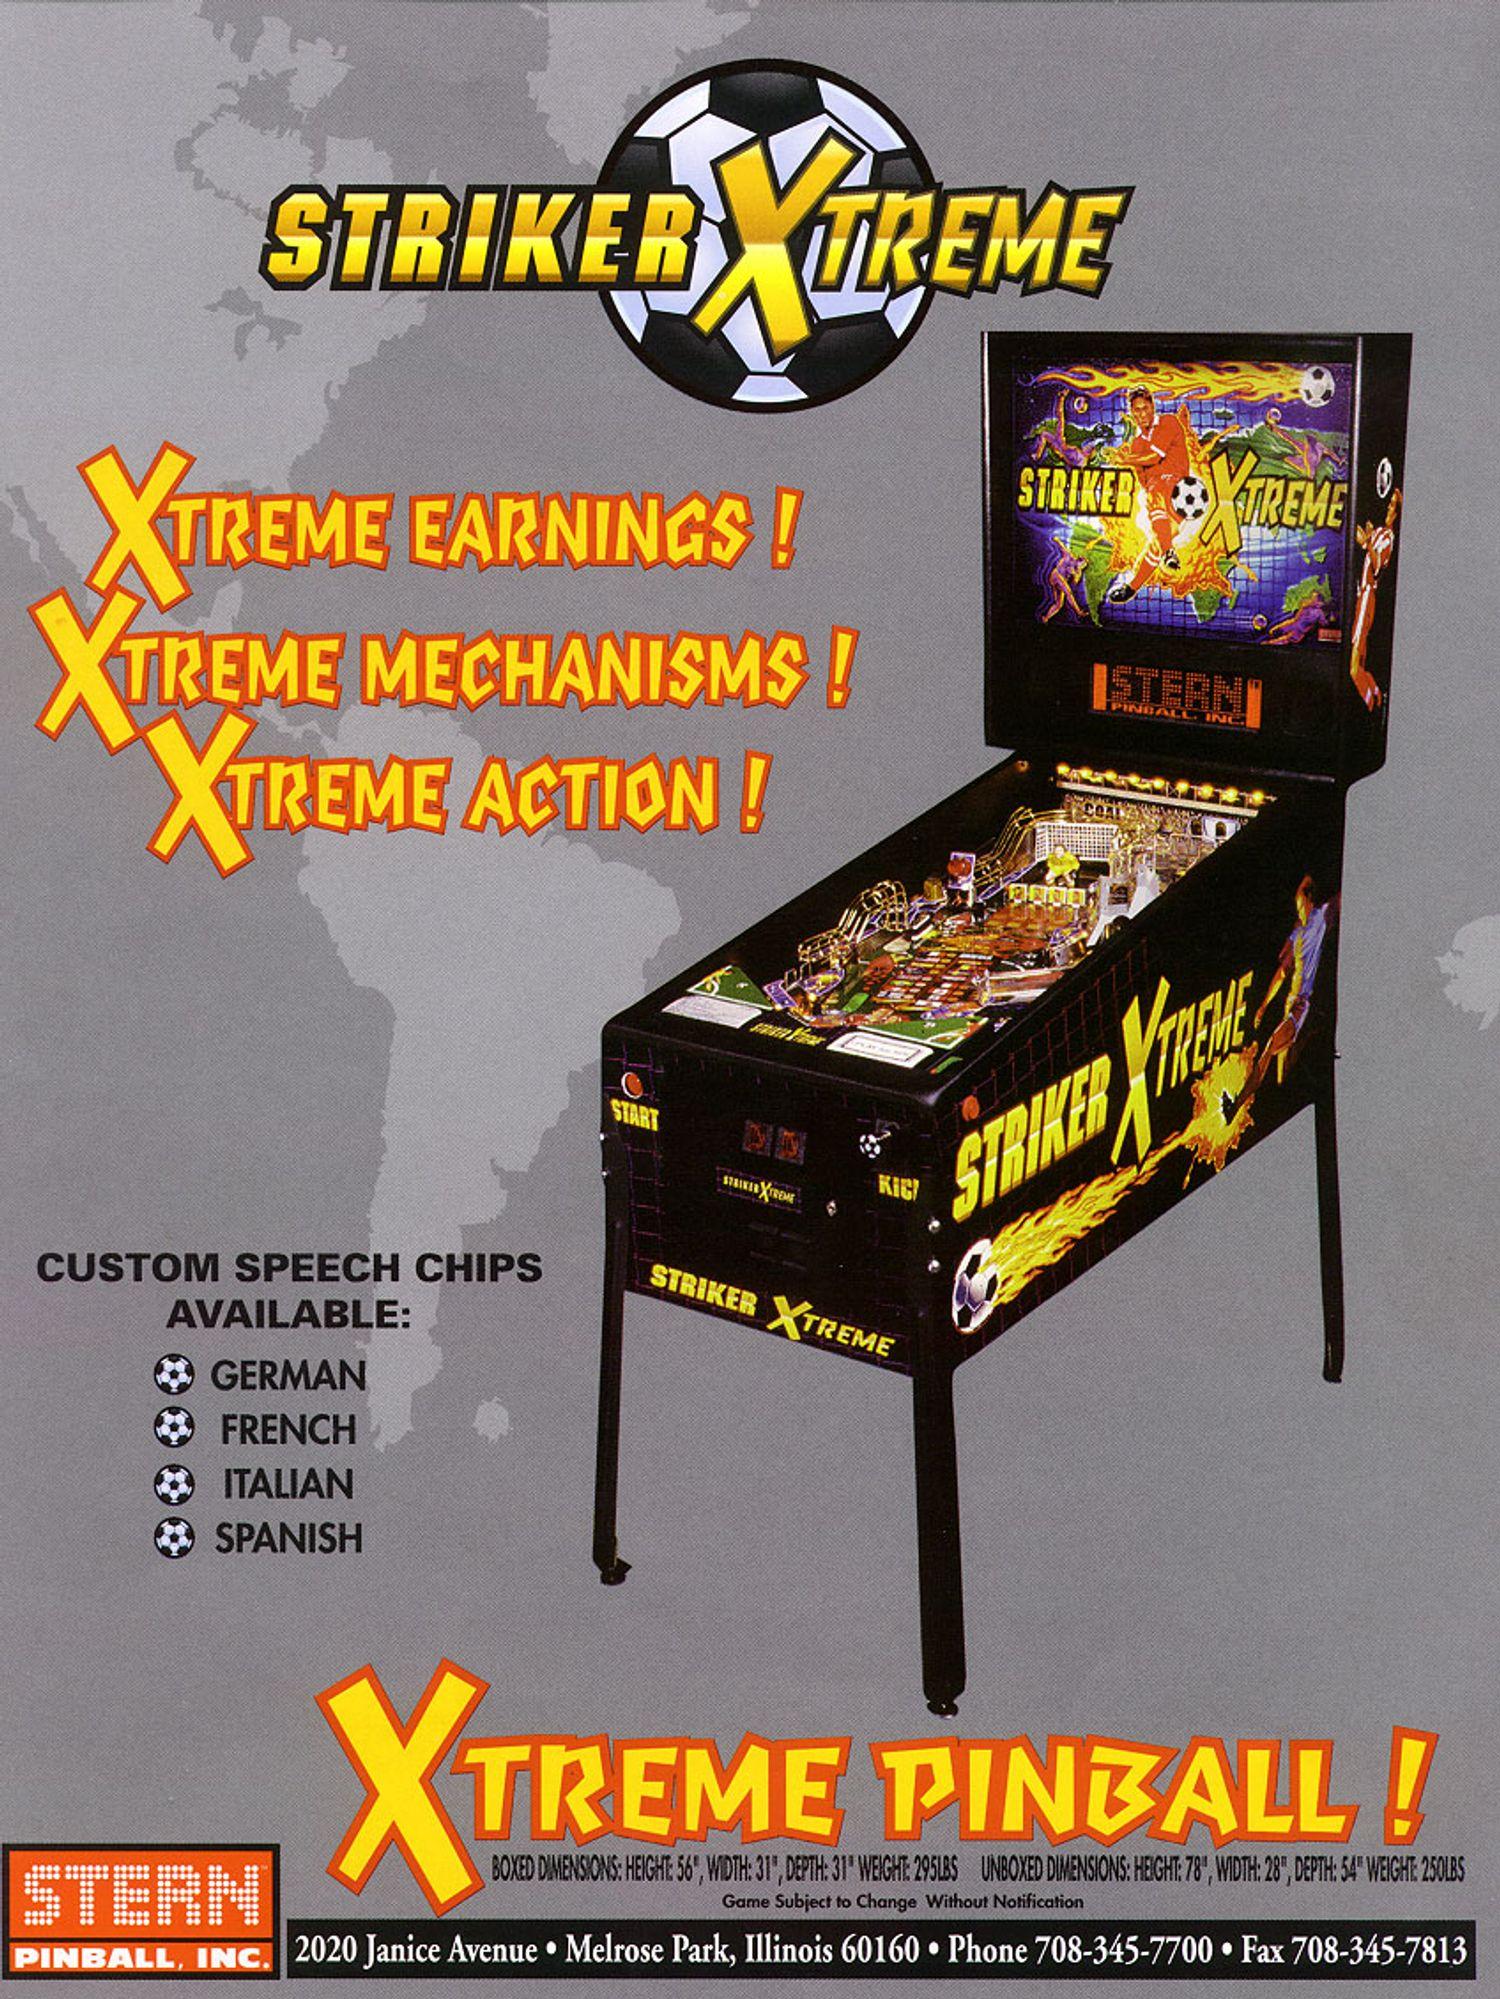 Striker Xtreme Flyer Seite 1